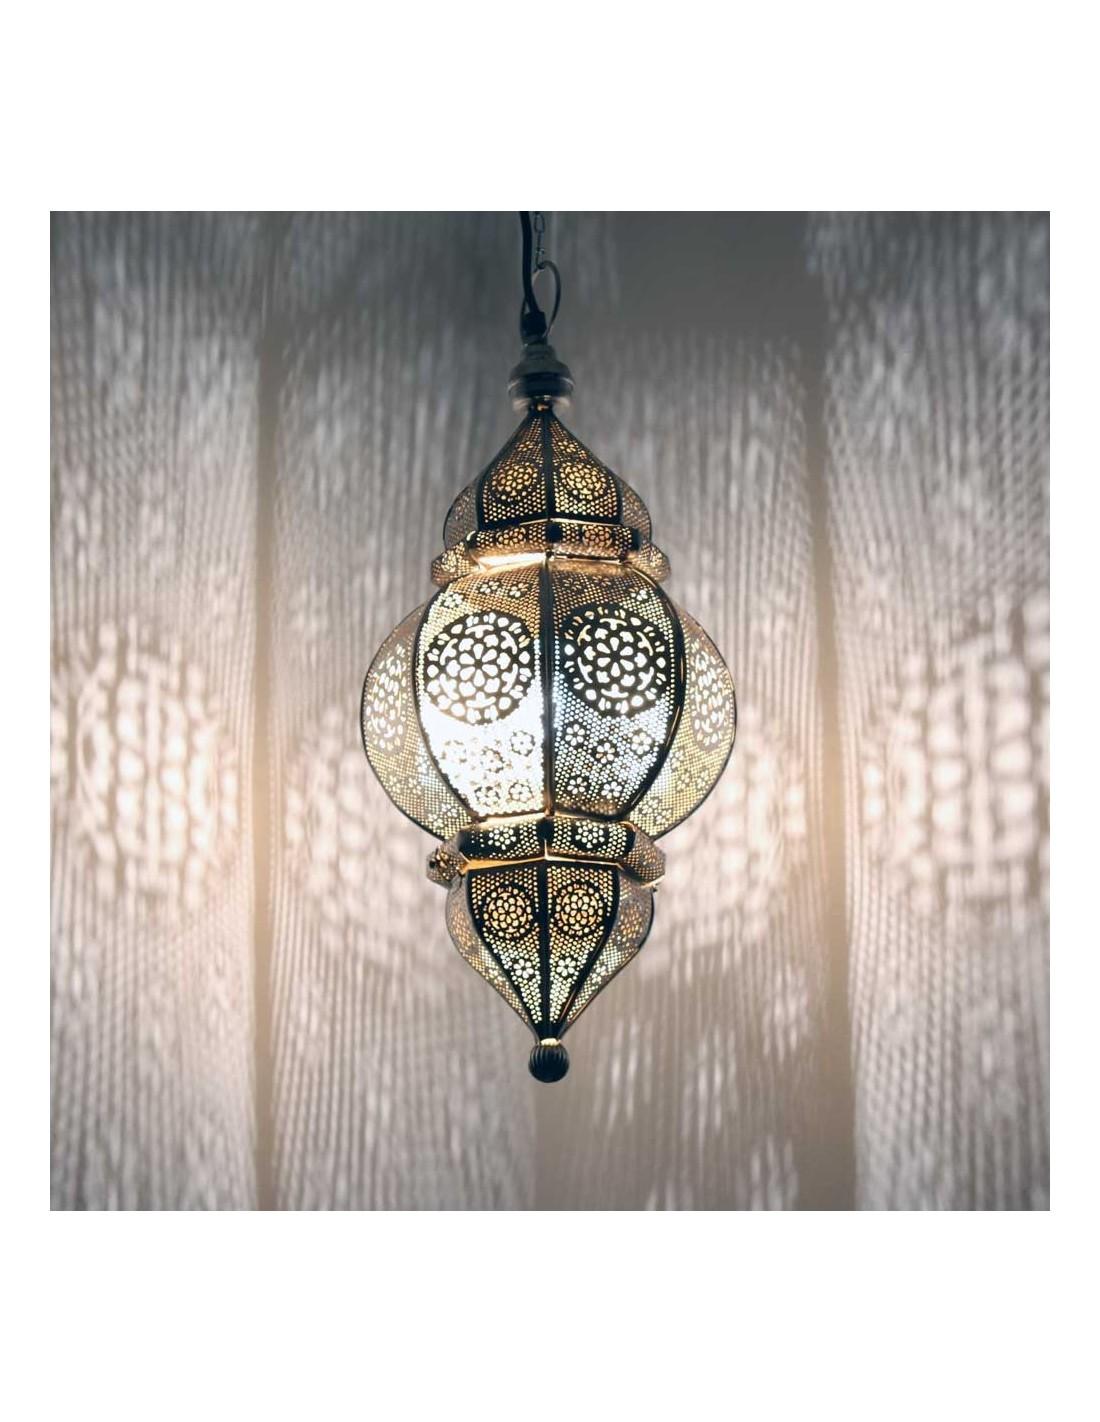 orientalische h ngelampe kaja 43cm in kugelform albena shop. Black Bedroom Furniture Sets. Home Design Ideas